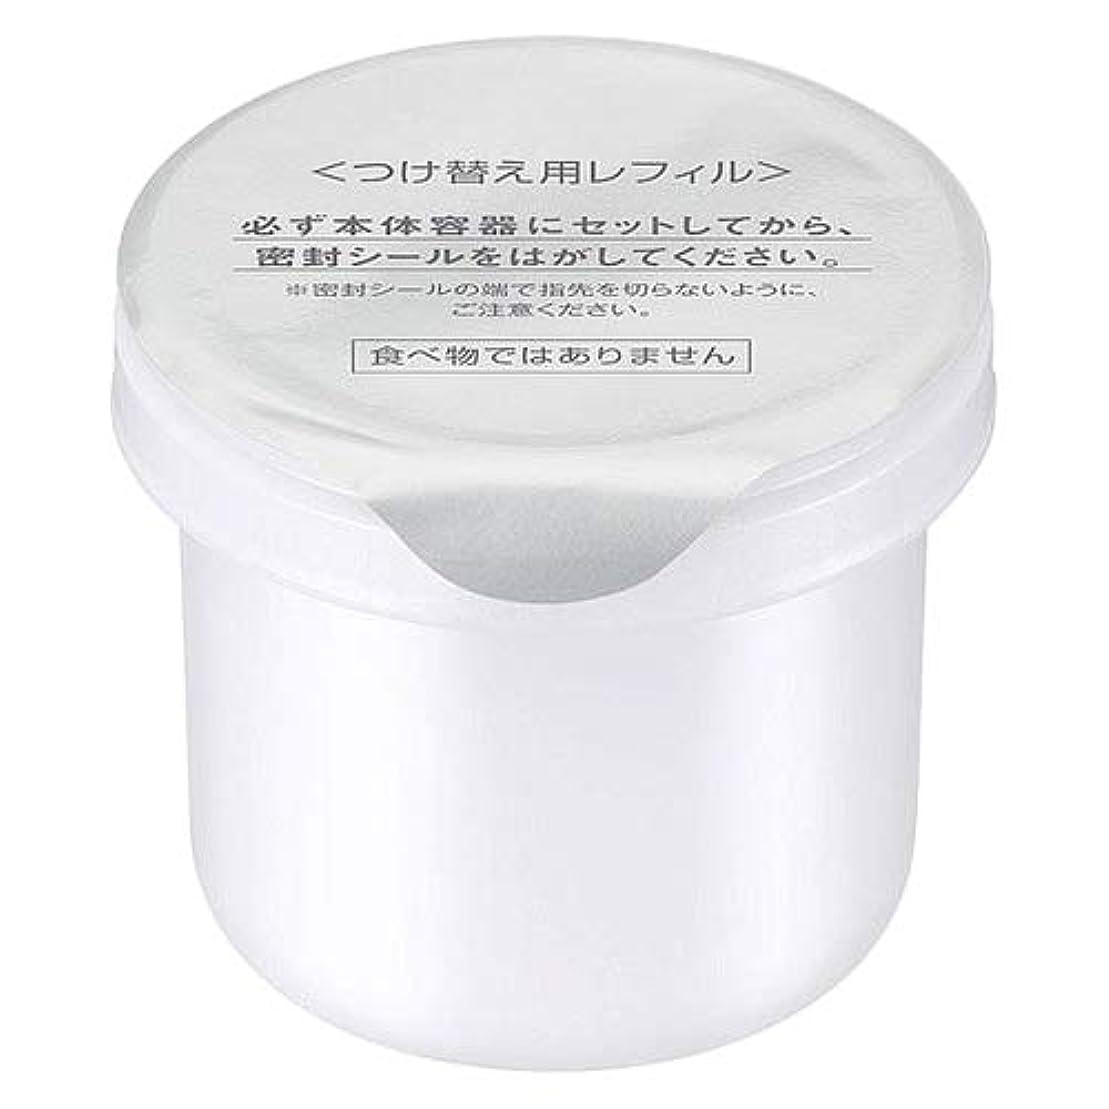 シュガー原始的なめまいカネボウ デュウ KANEBO DEW ブライトニングクリーム (レフィル) 30g [並行輸入品]